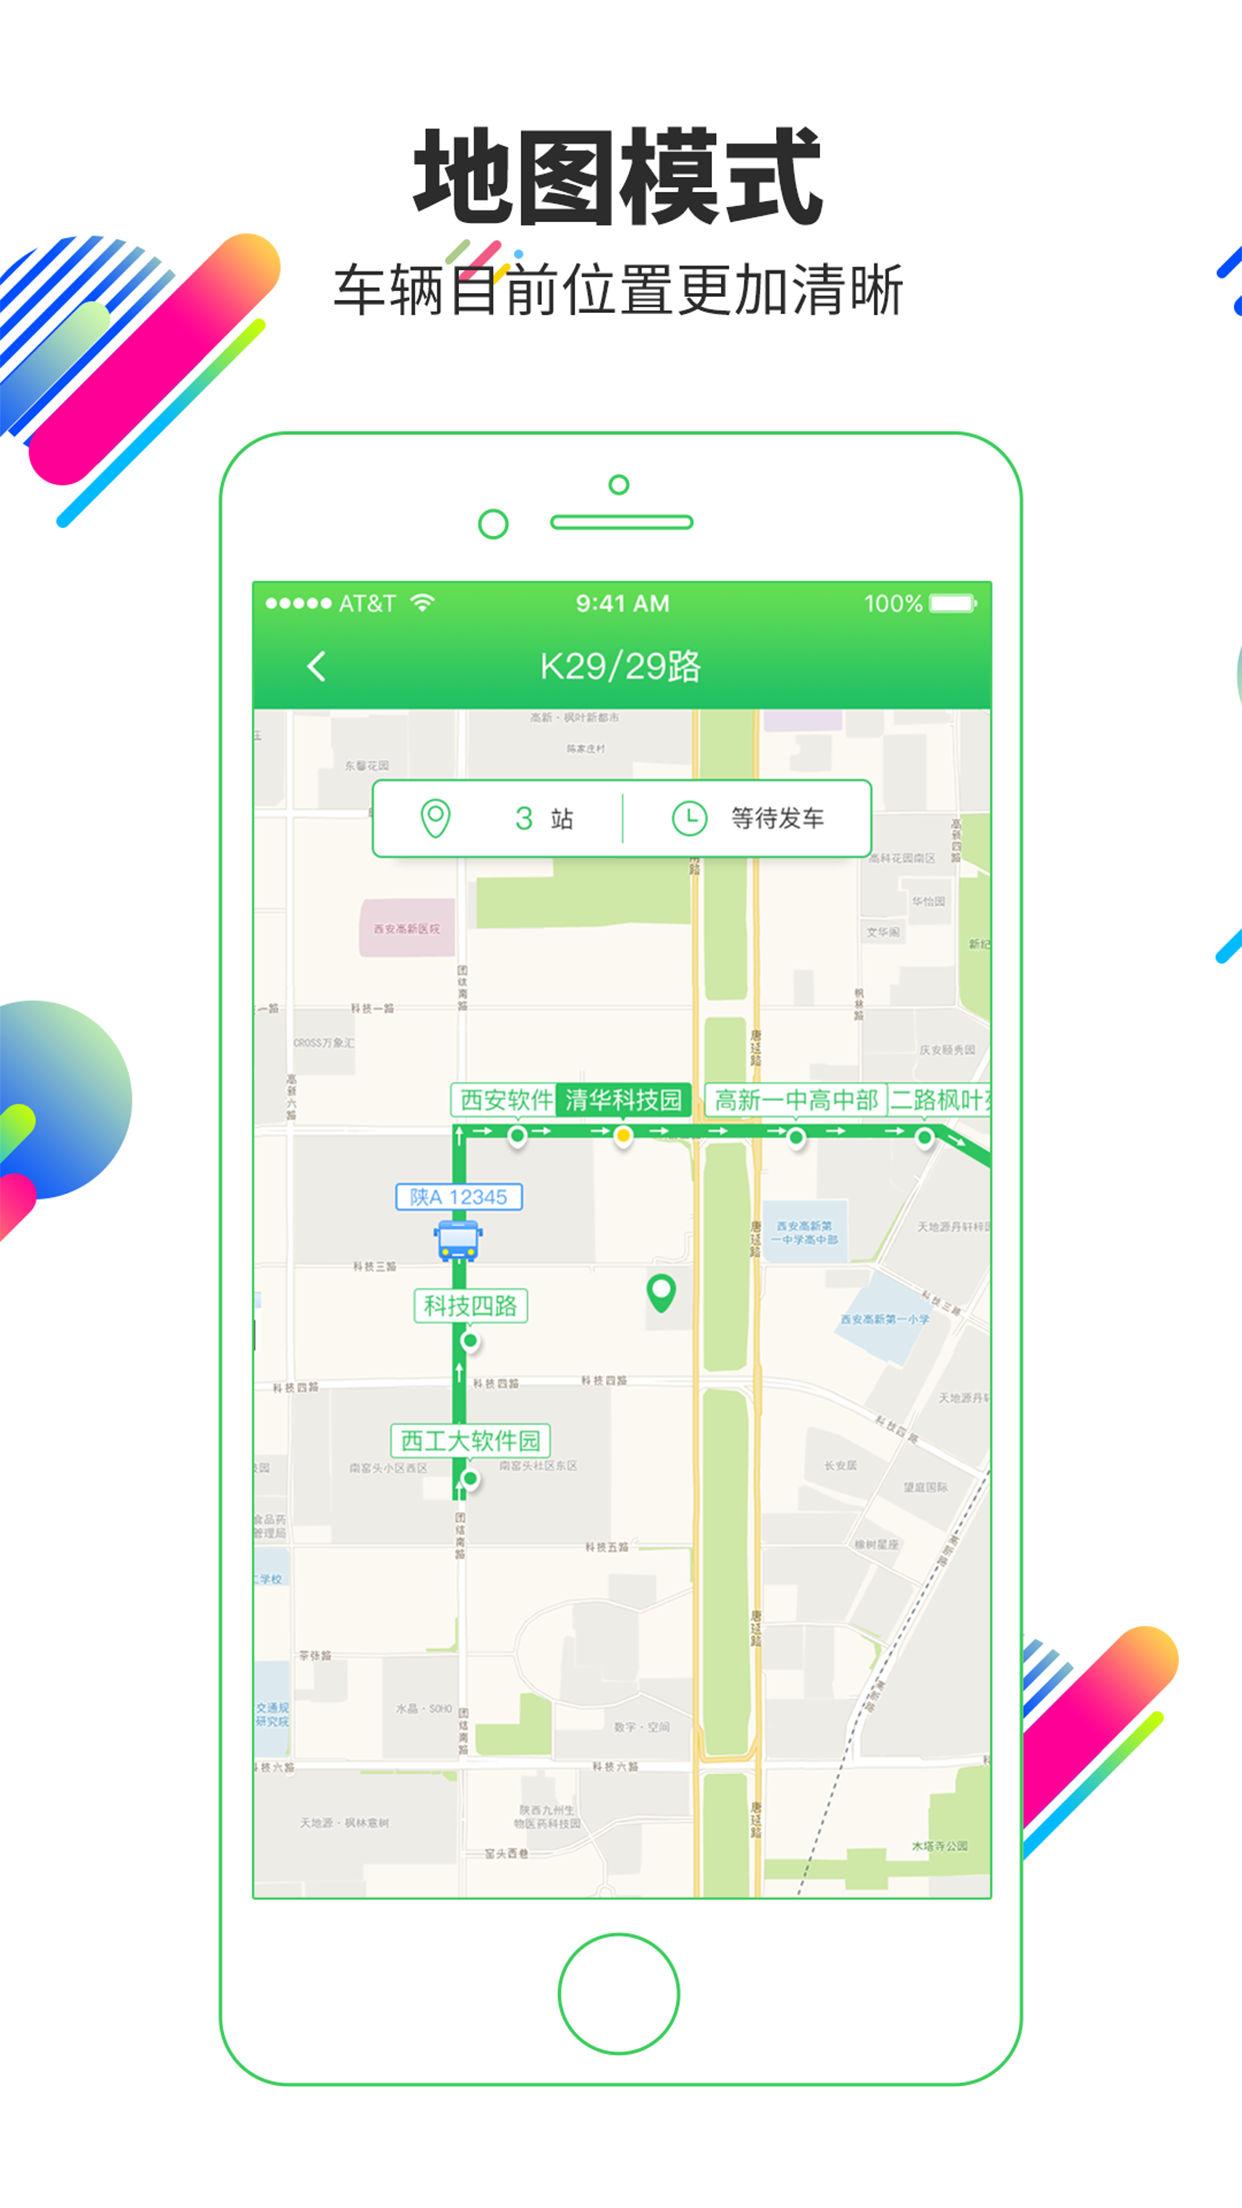 易公交 V2.0.7 安卓版截图3